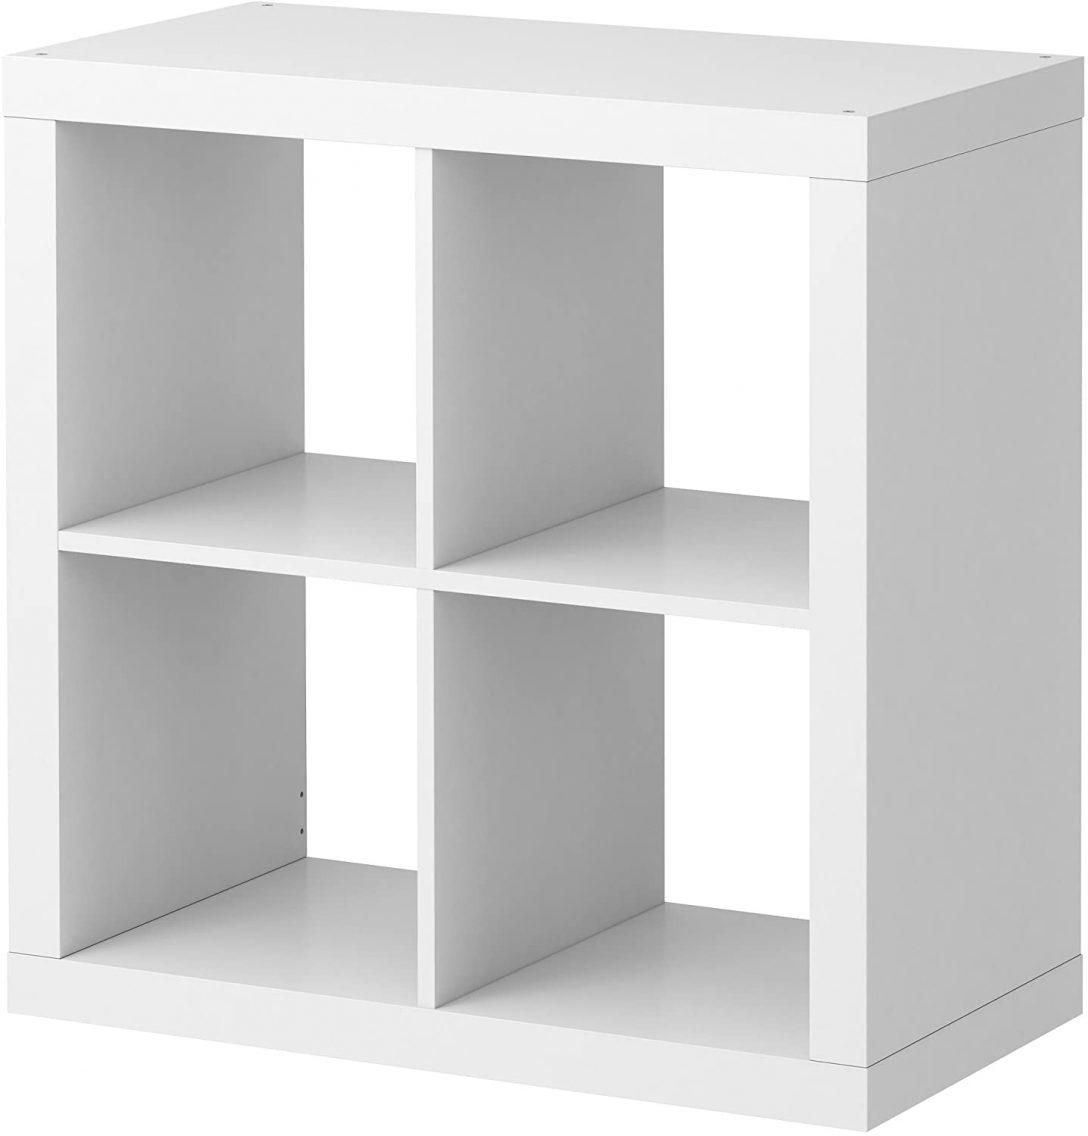 Large Size of Ikea Kallaregal Sofa Mit Schlaffunktion Küche Kosten Betten Bei Kaufen Hängeregal Miniküche Modulküche 160x200 Wohnzimmer Ikea Hängeregal